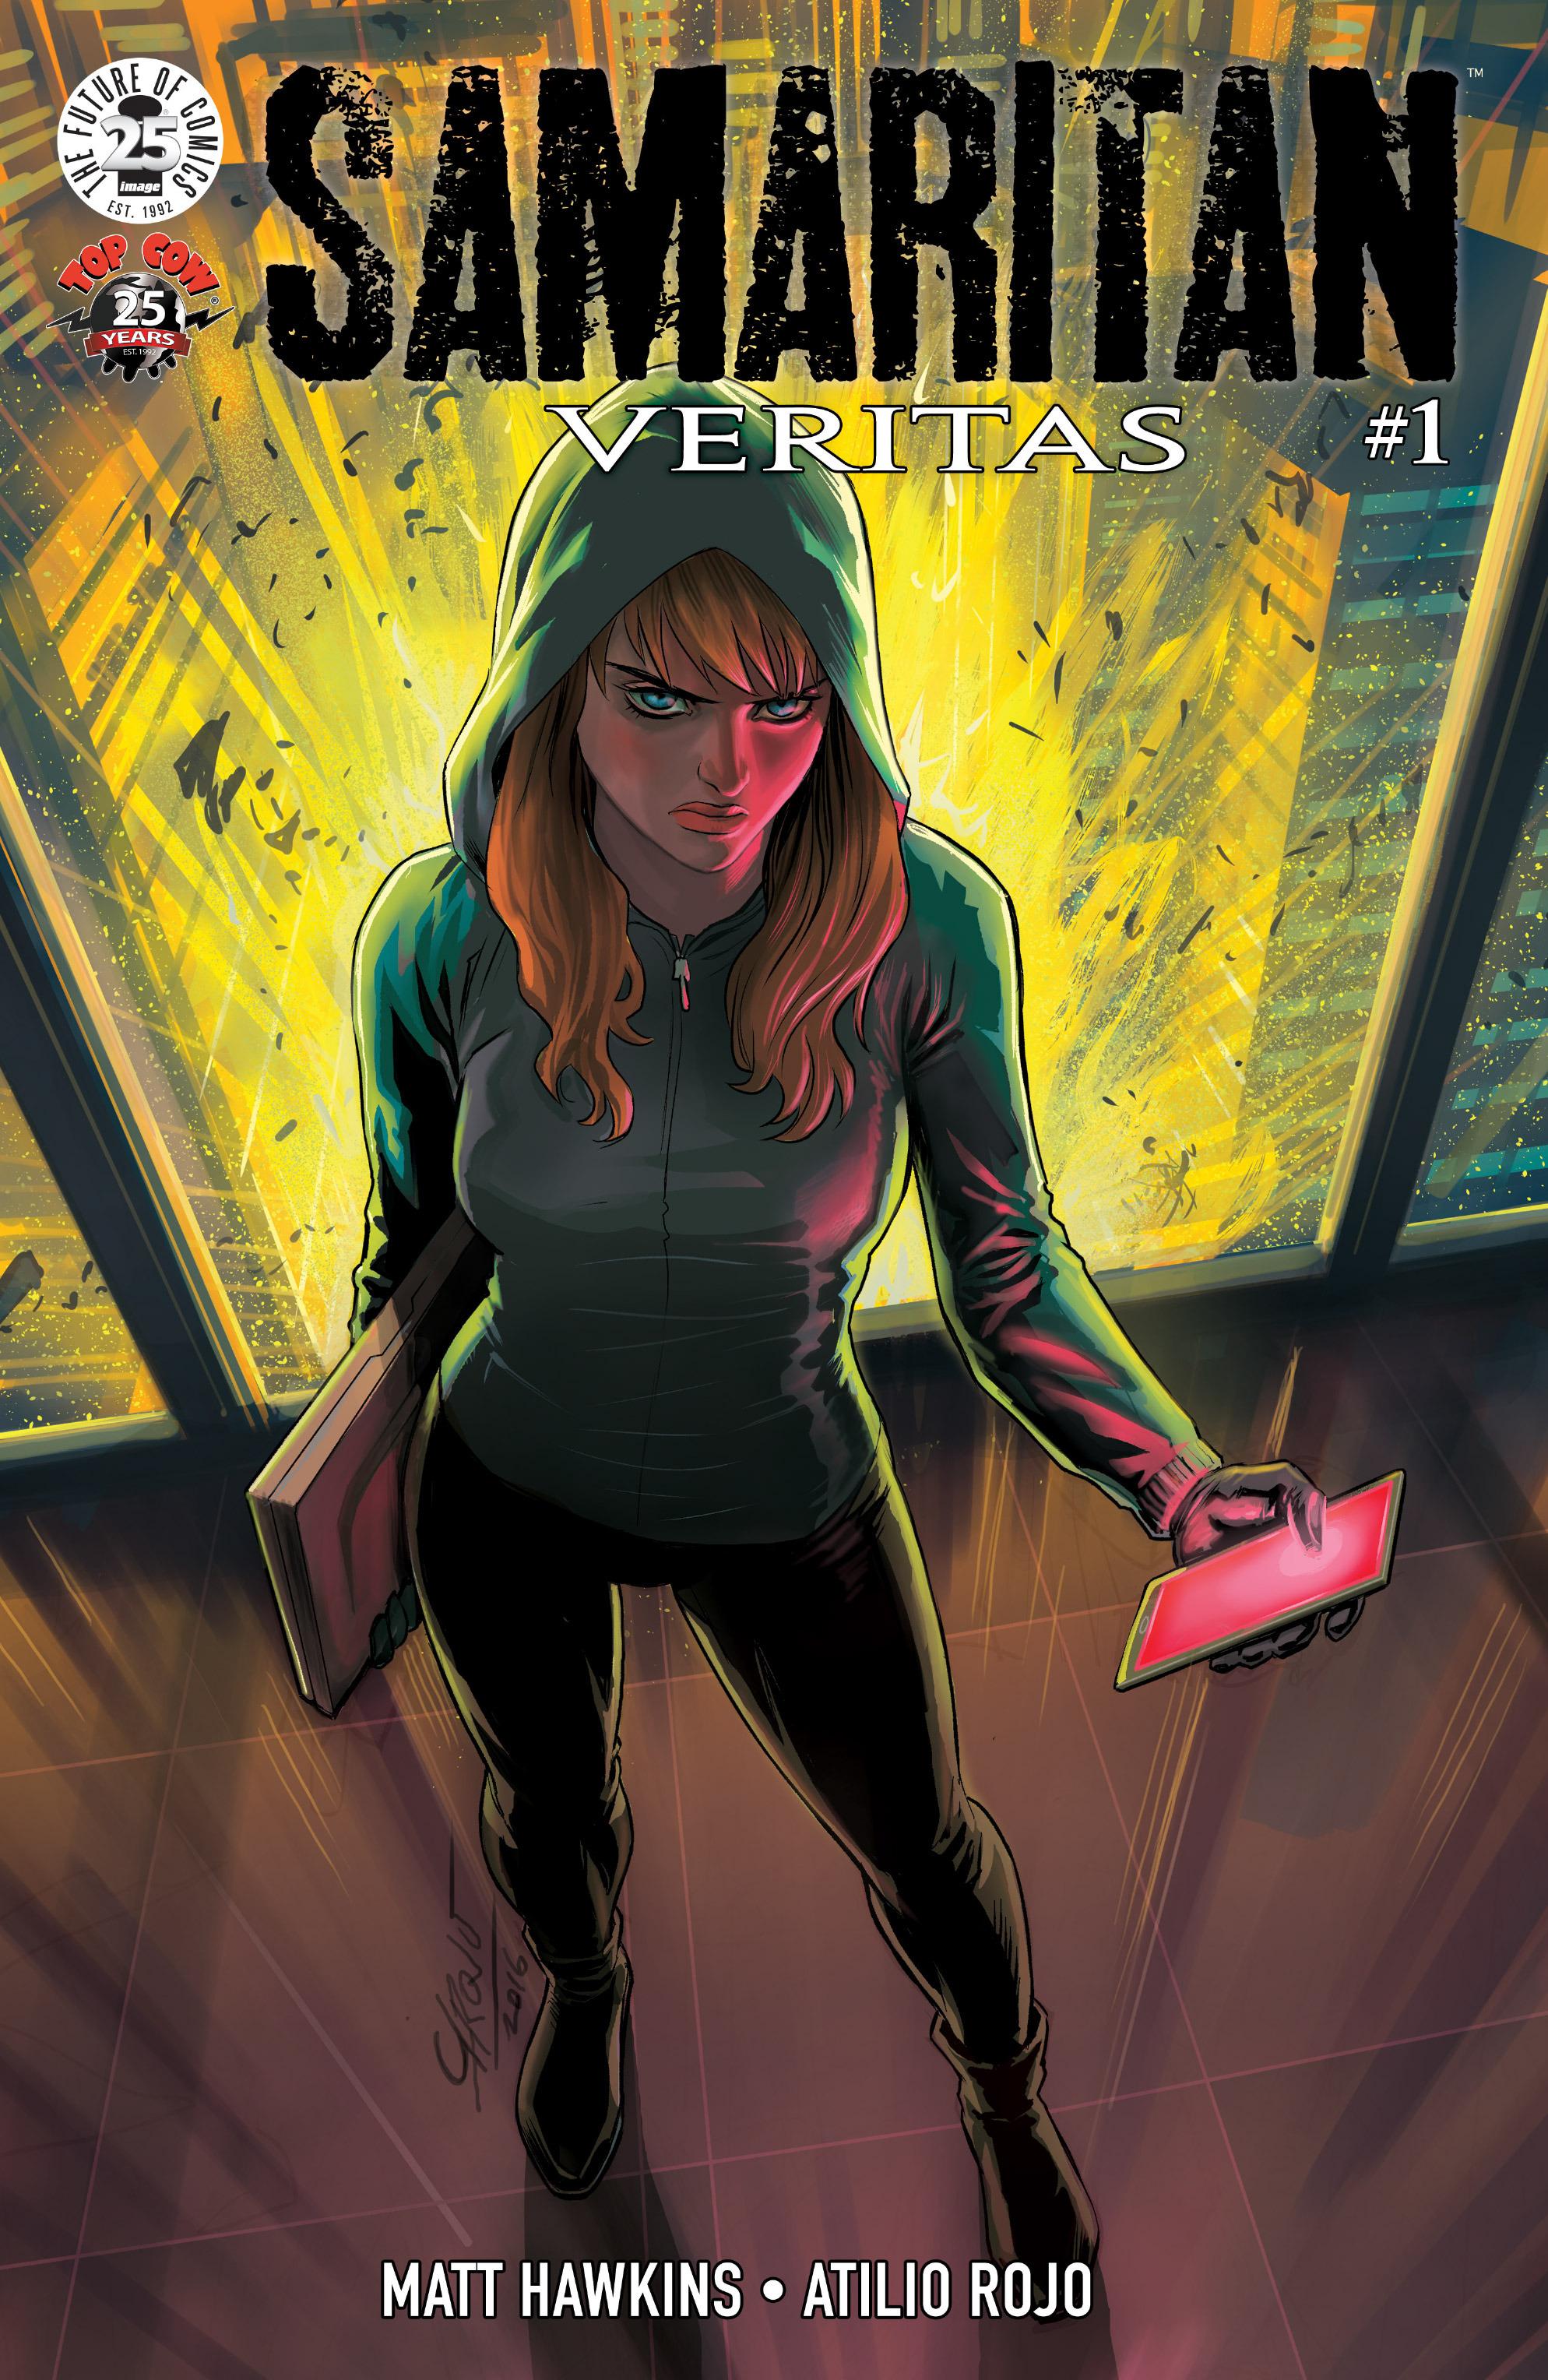 Read online Samaritan: Vertias comic -  Issue #1 - 1